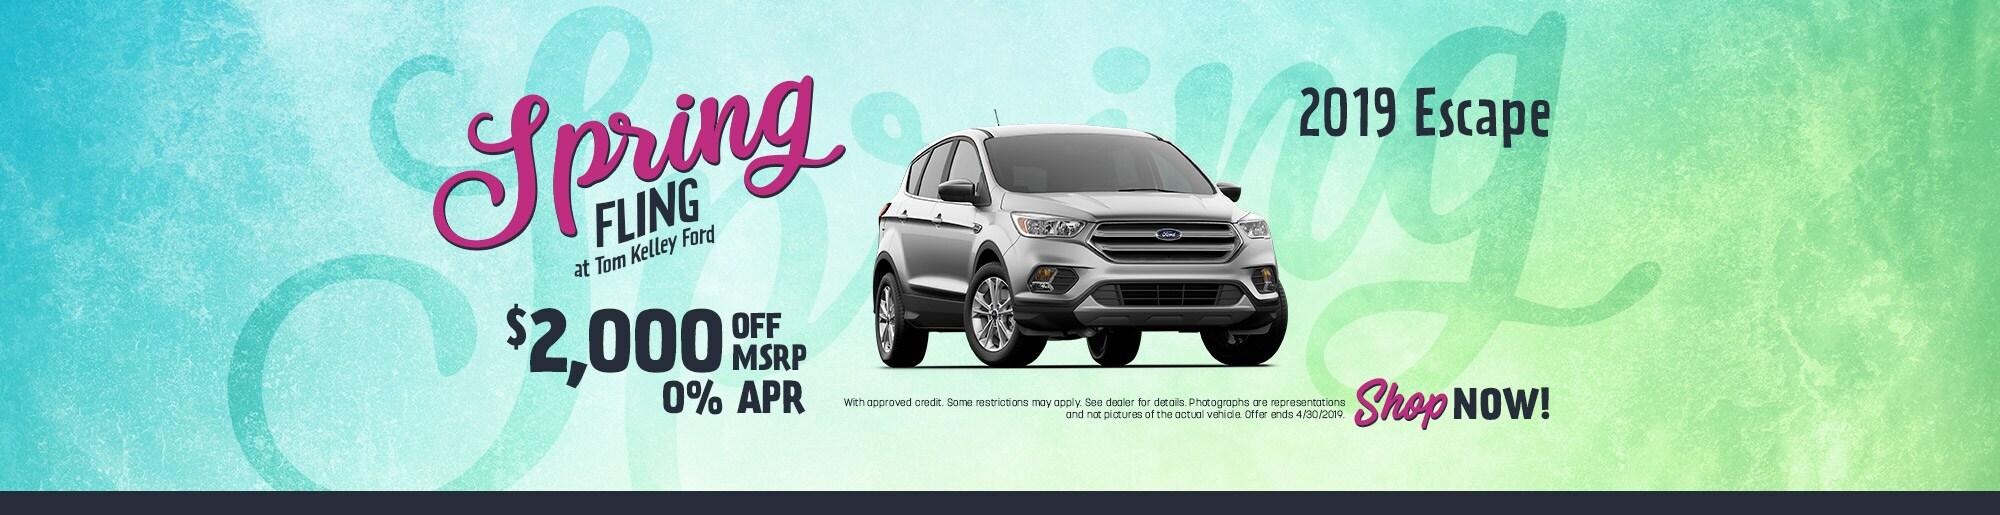 Courtesy Ford Danville Il >> Courtesy Motors Decatur Indiana - impremedia.net